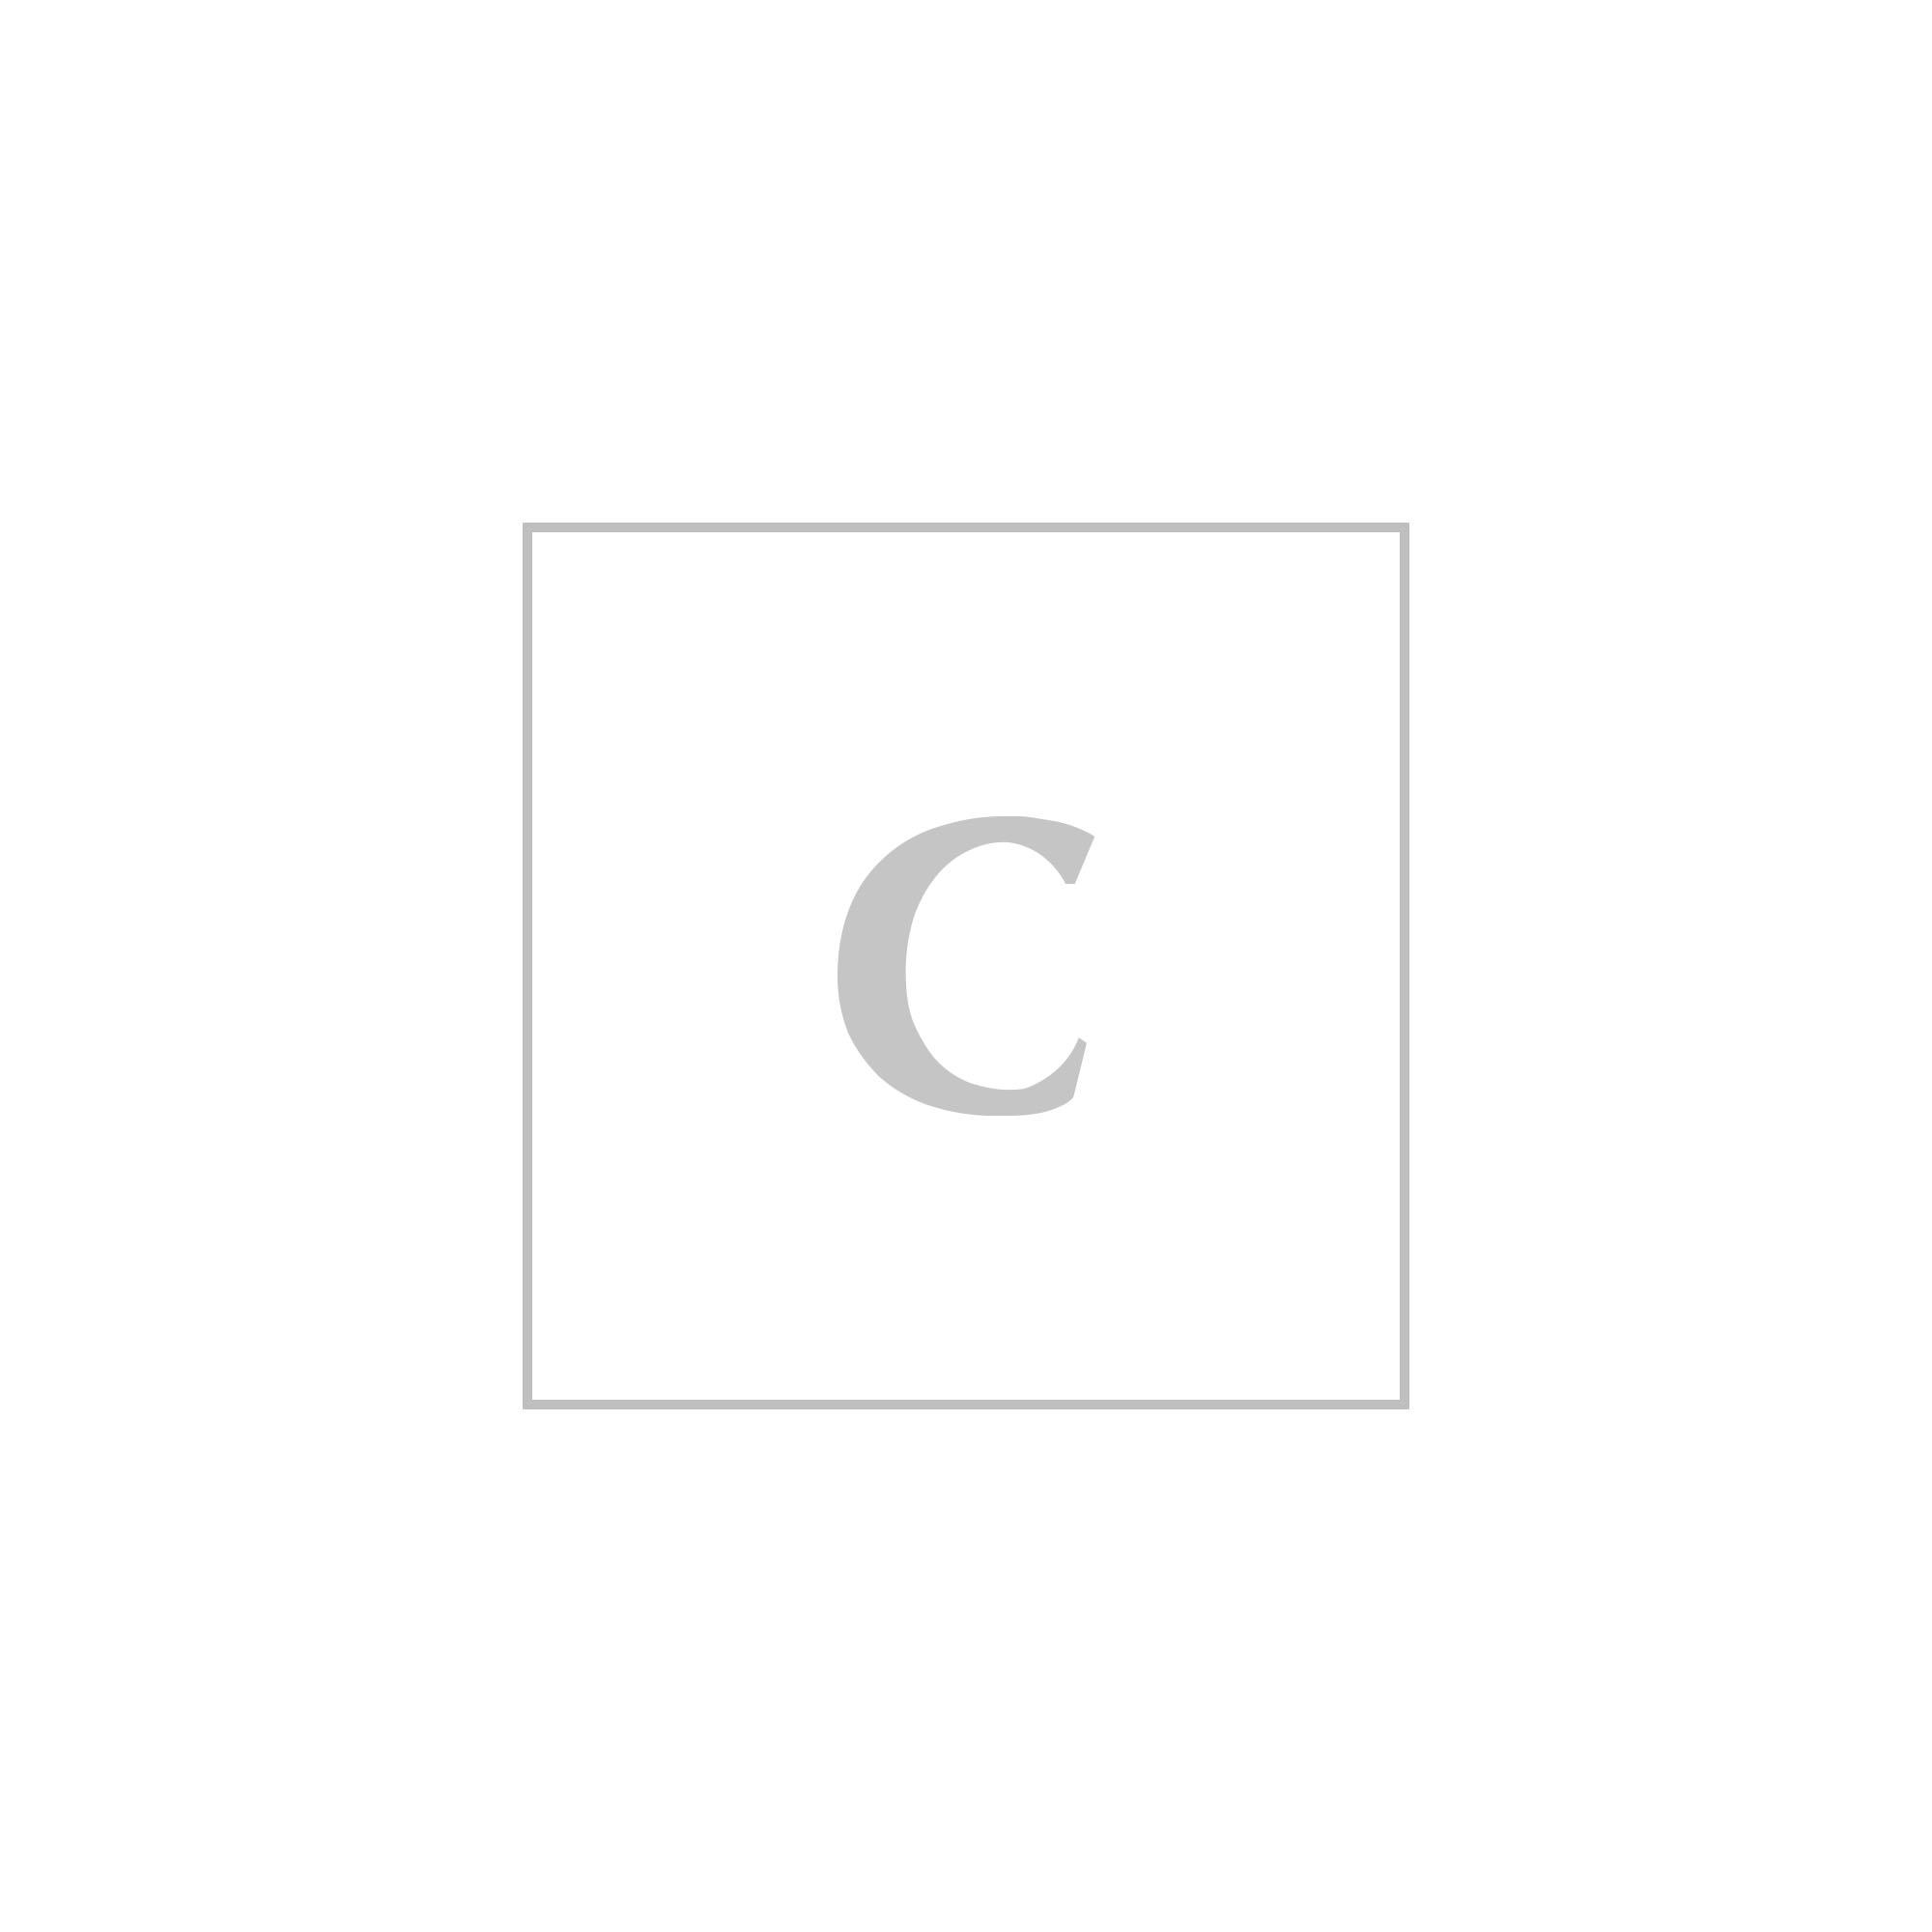 Moncler basic logo t-shirt